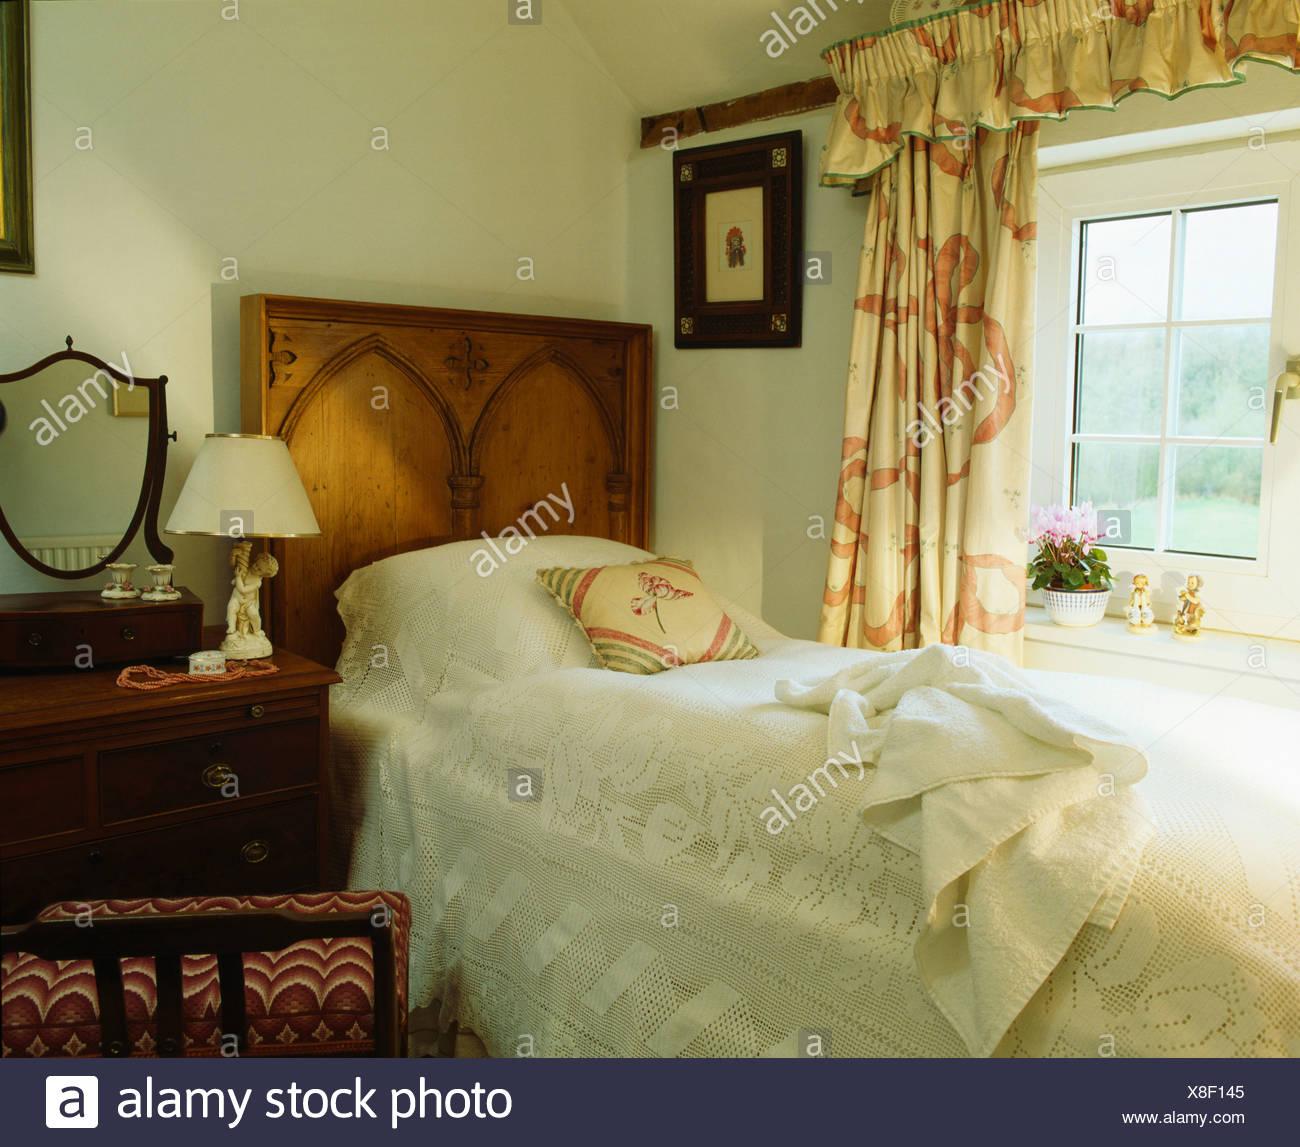 Double Rideaux Style Chalet serviette blanche et dentelle double-couvercle sur lit